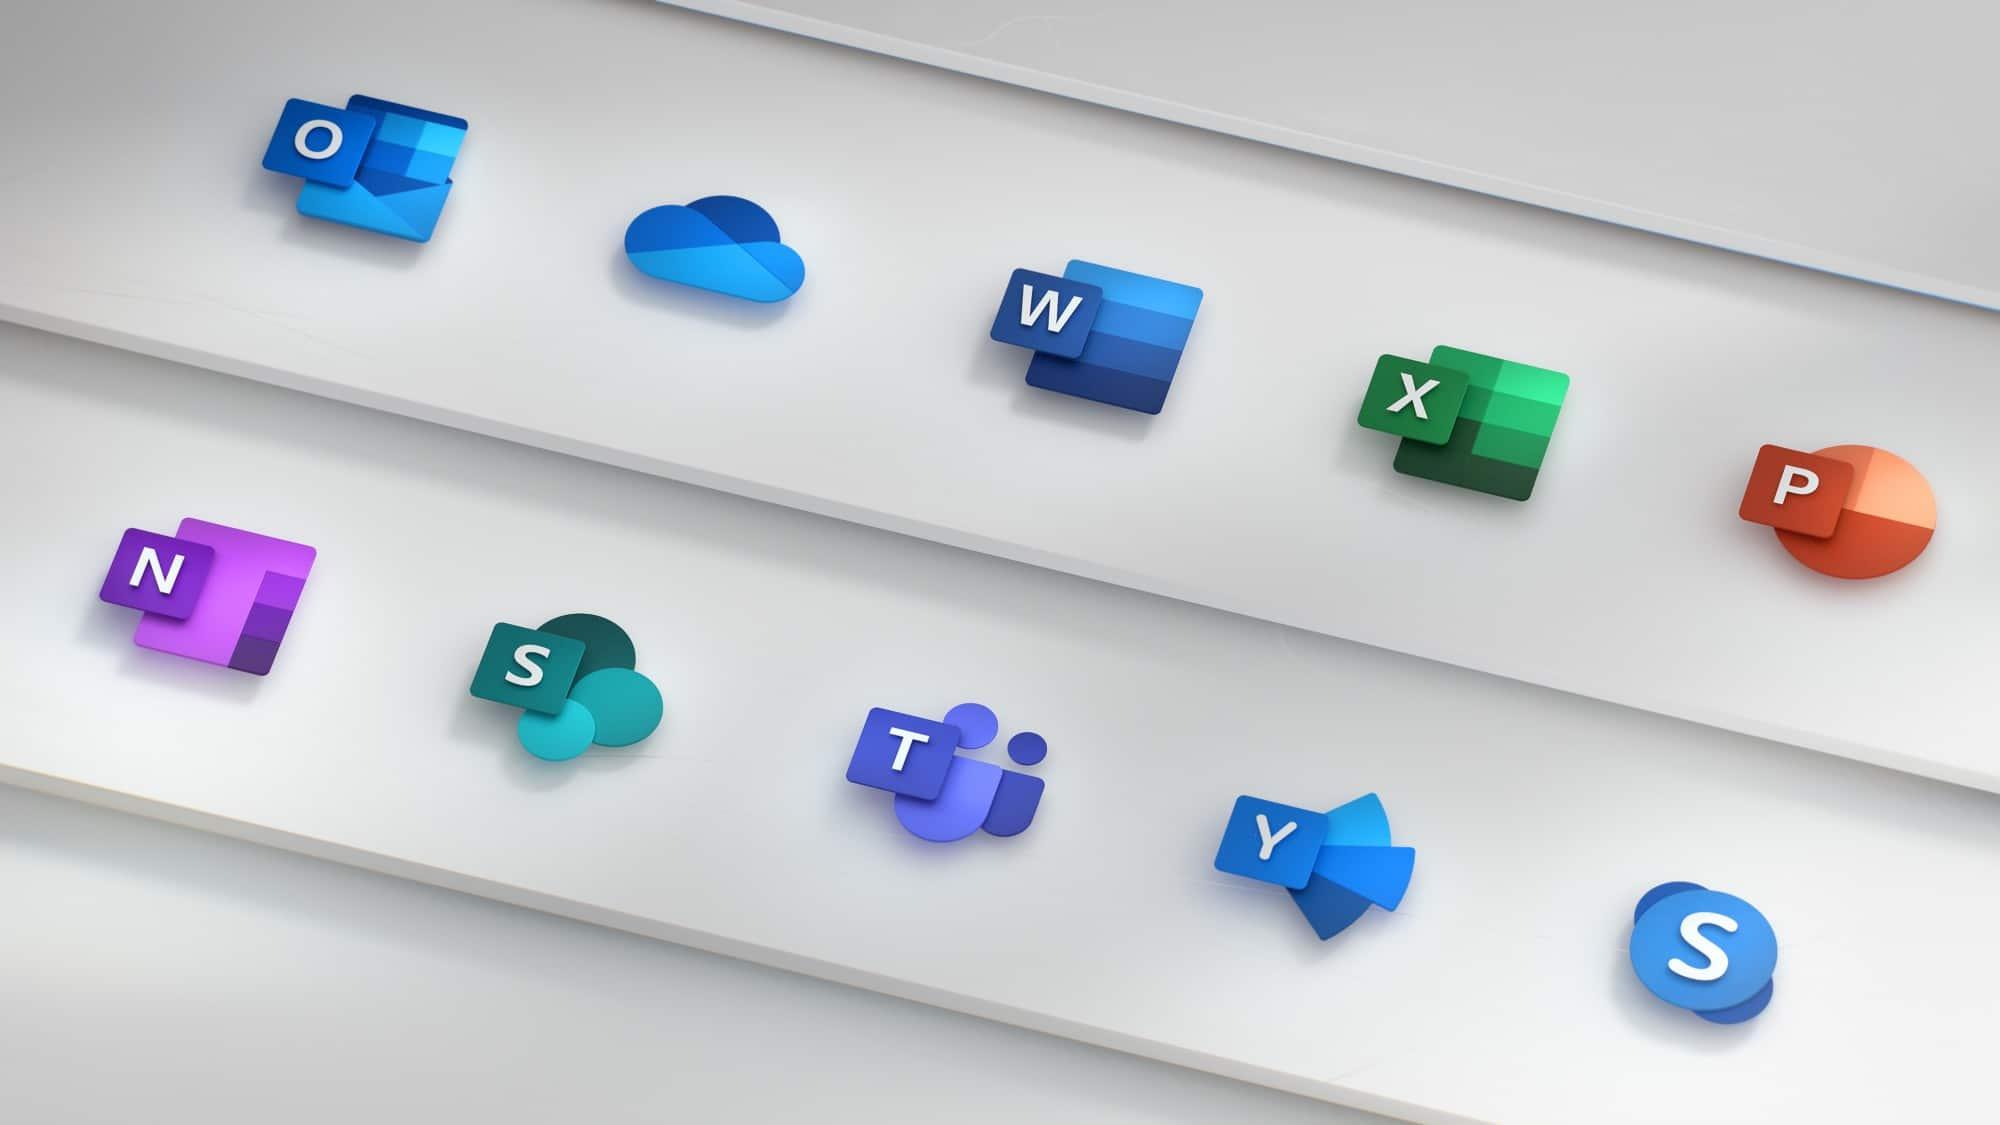 Microsoft prépare de nouvelles icônes pour Windows 10 et Office